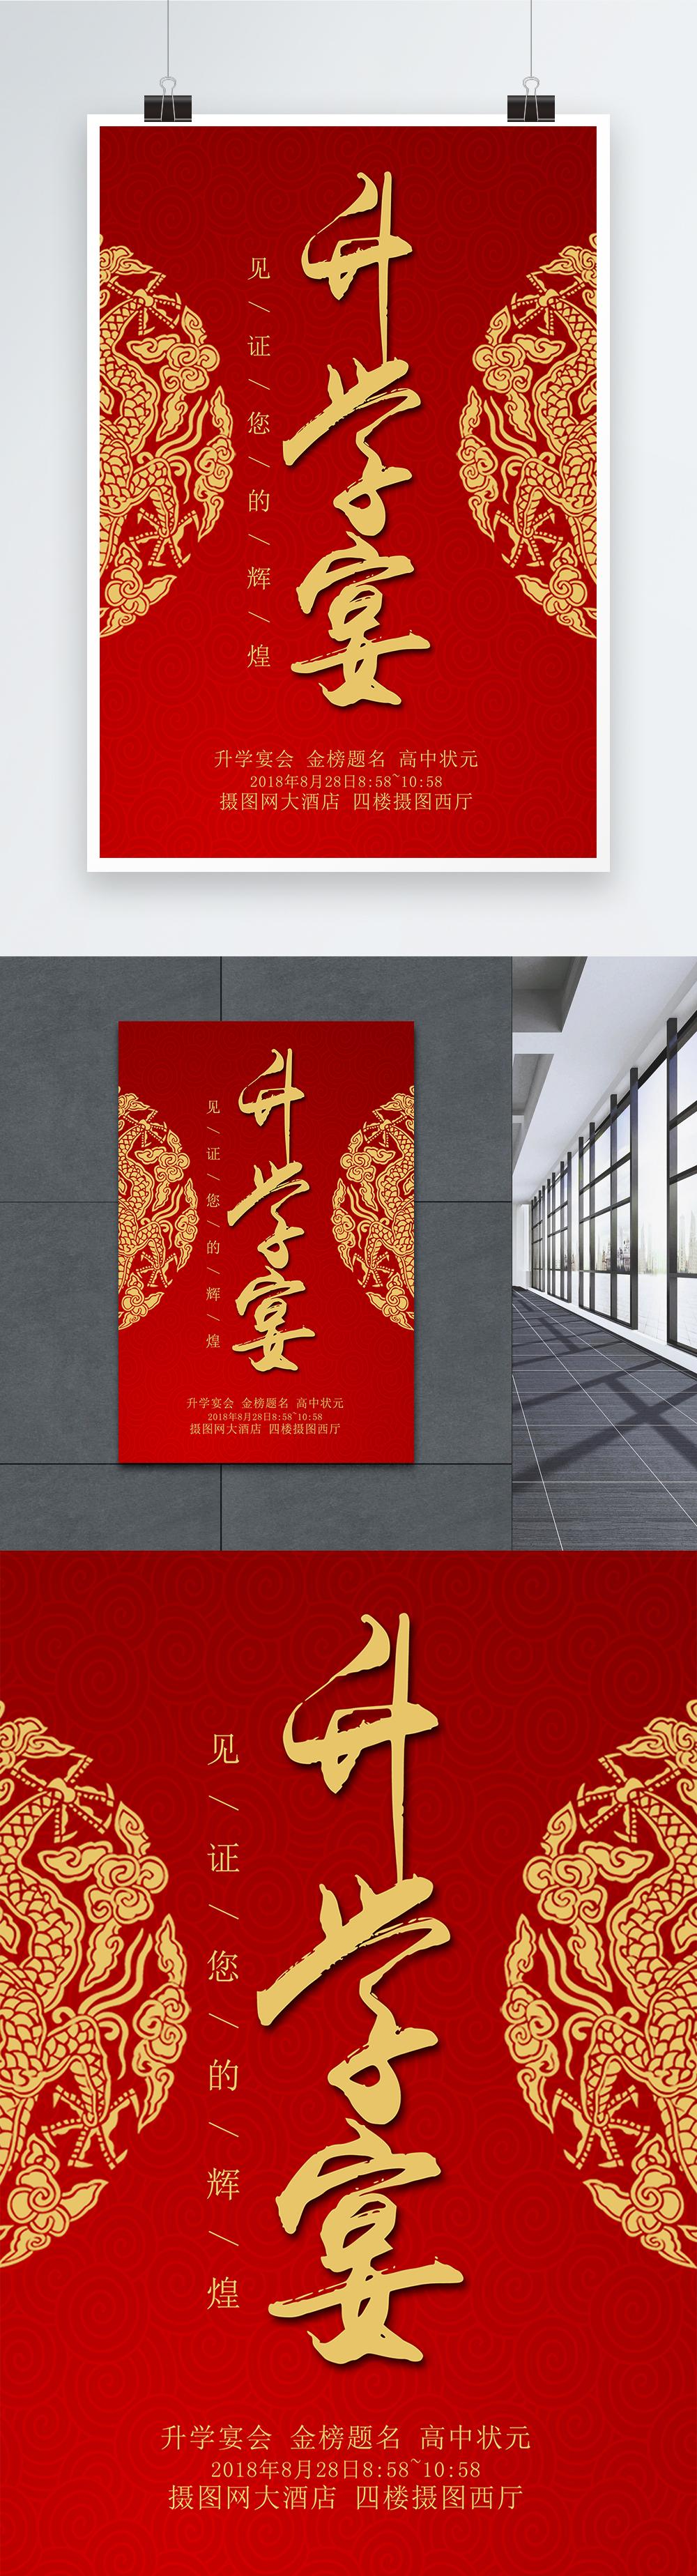 尾牙宴红色喜庆海报图片素材编号400946976_prf高清